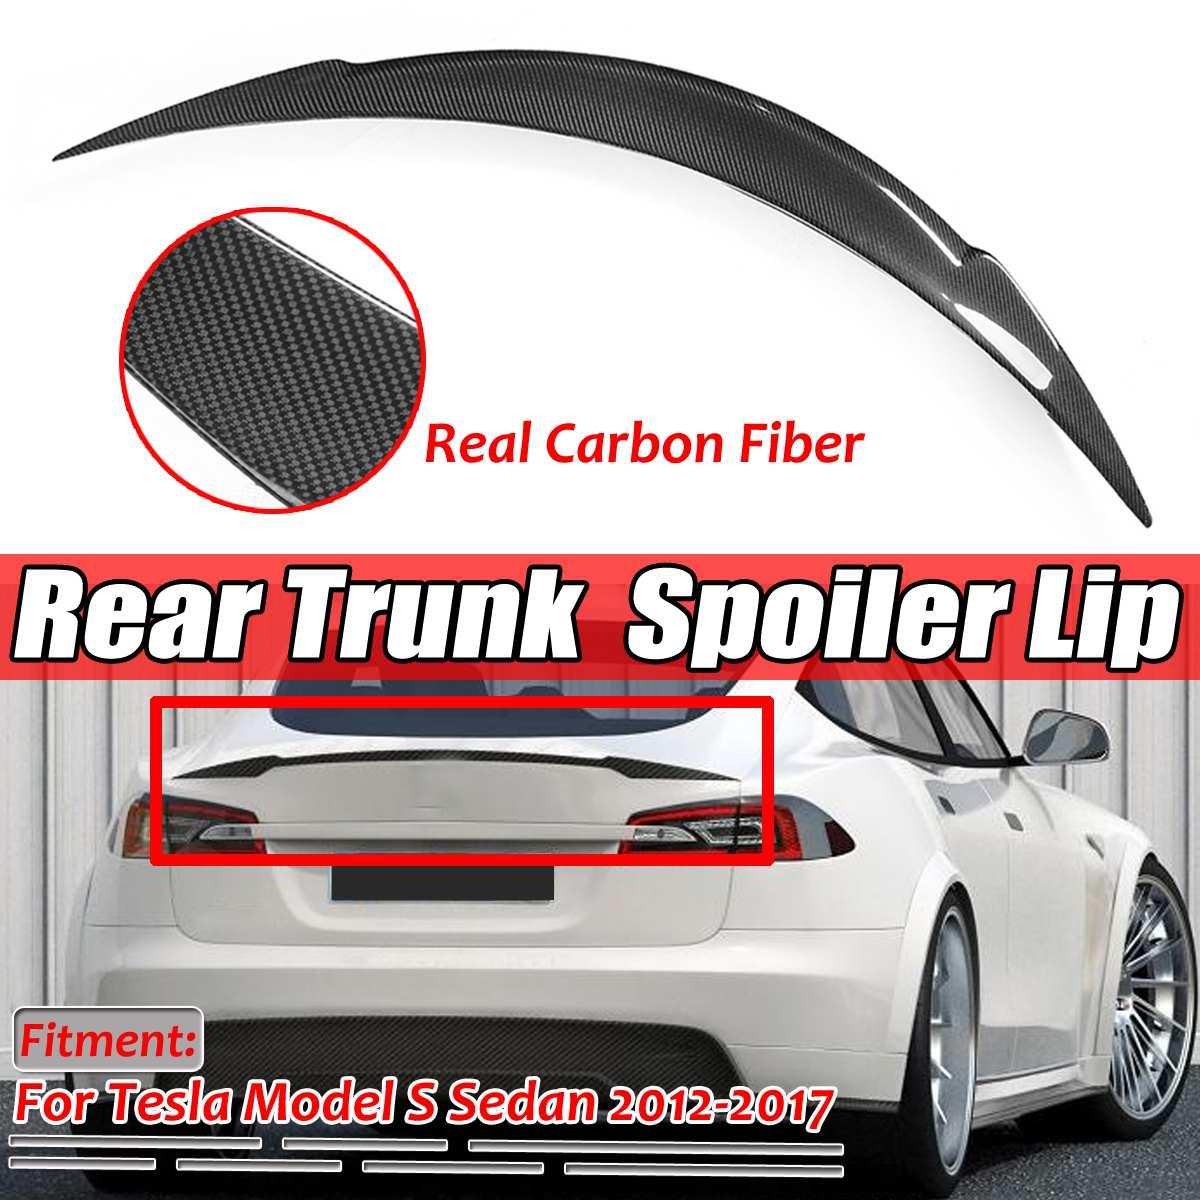 Neue Real Carbon Fiber Auto Hinten Trunk-Boot Lip Spoiler Flügel Lip Big Für Tesla Model S Limousine 2012- 2019 flügel Spoiler